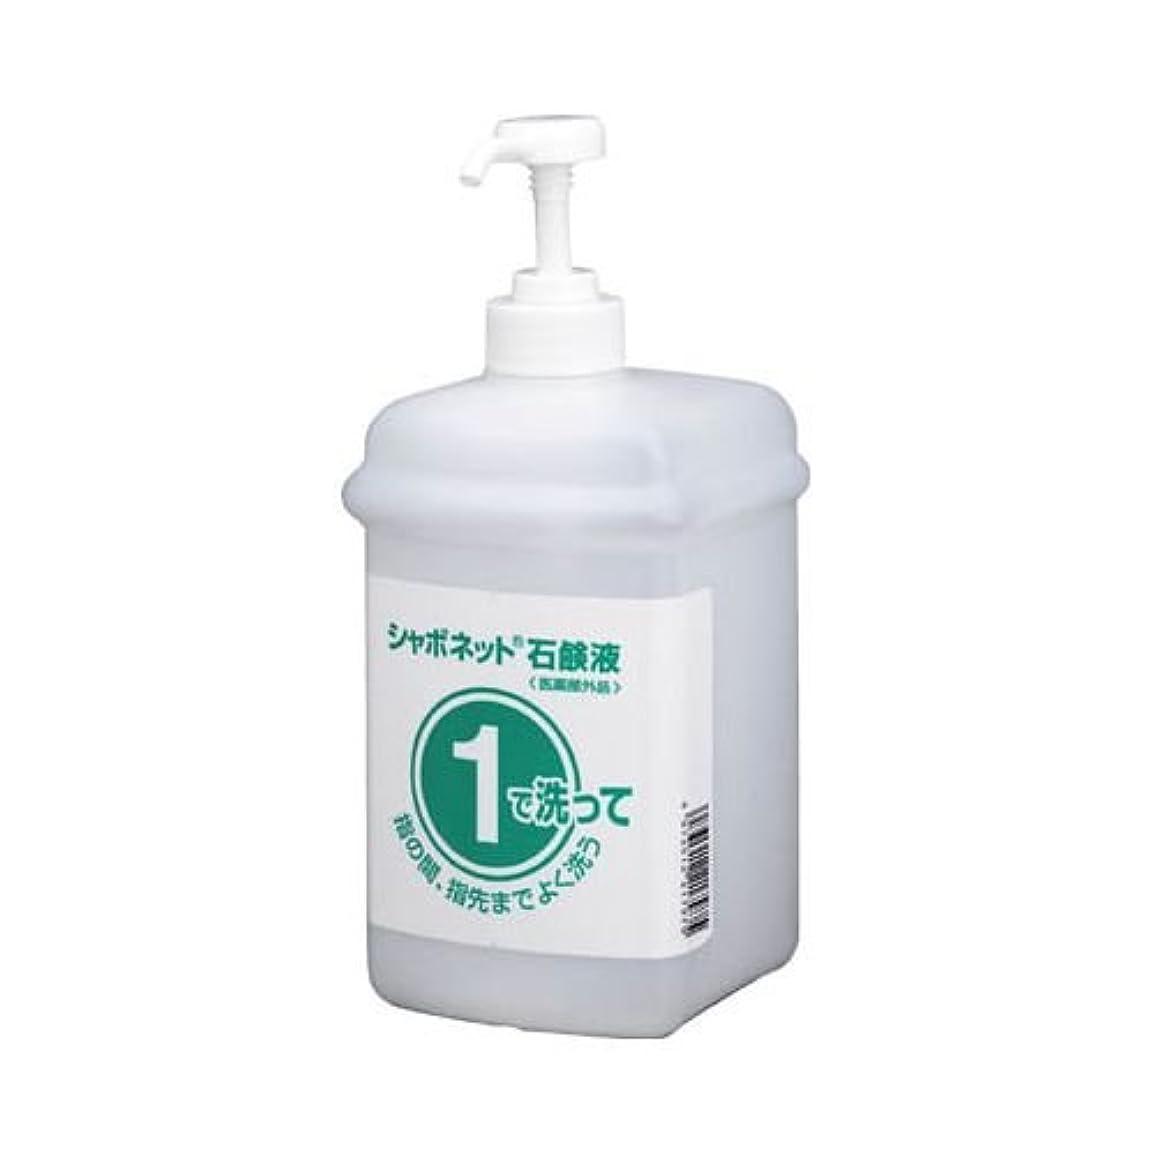 ヘクタール広範囲に意識的サラヤ 石鹸容器 1?2セットボトル 石鹸液用1L 21793